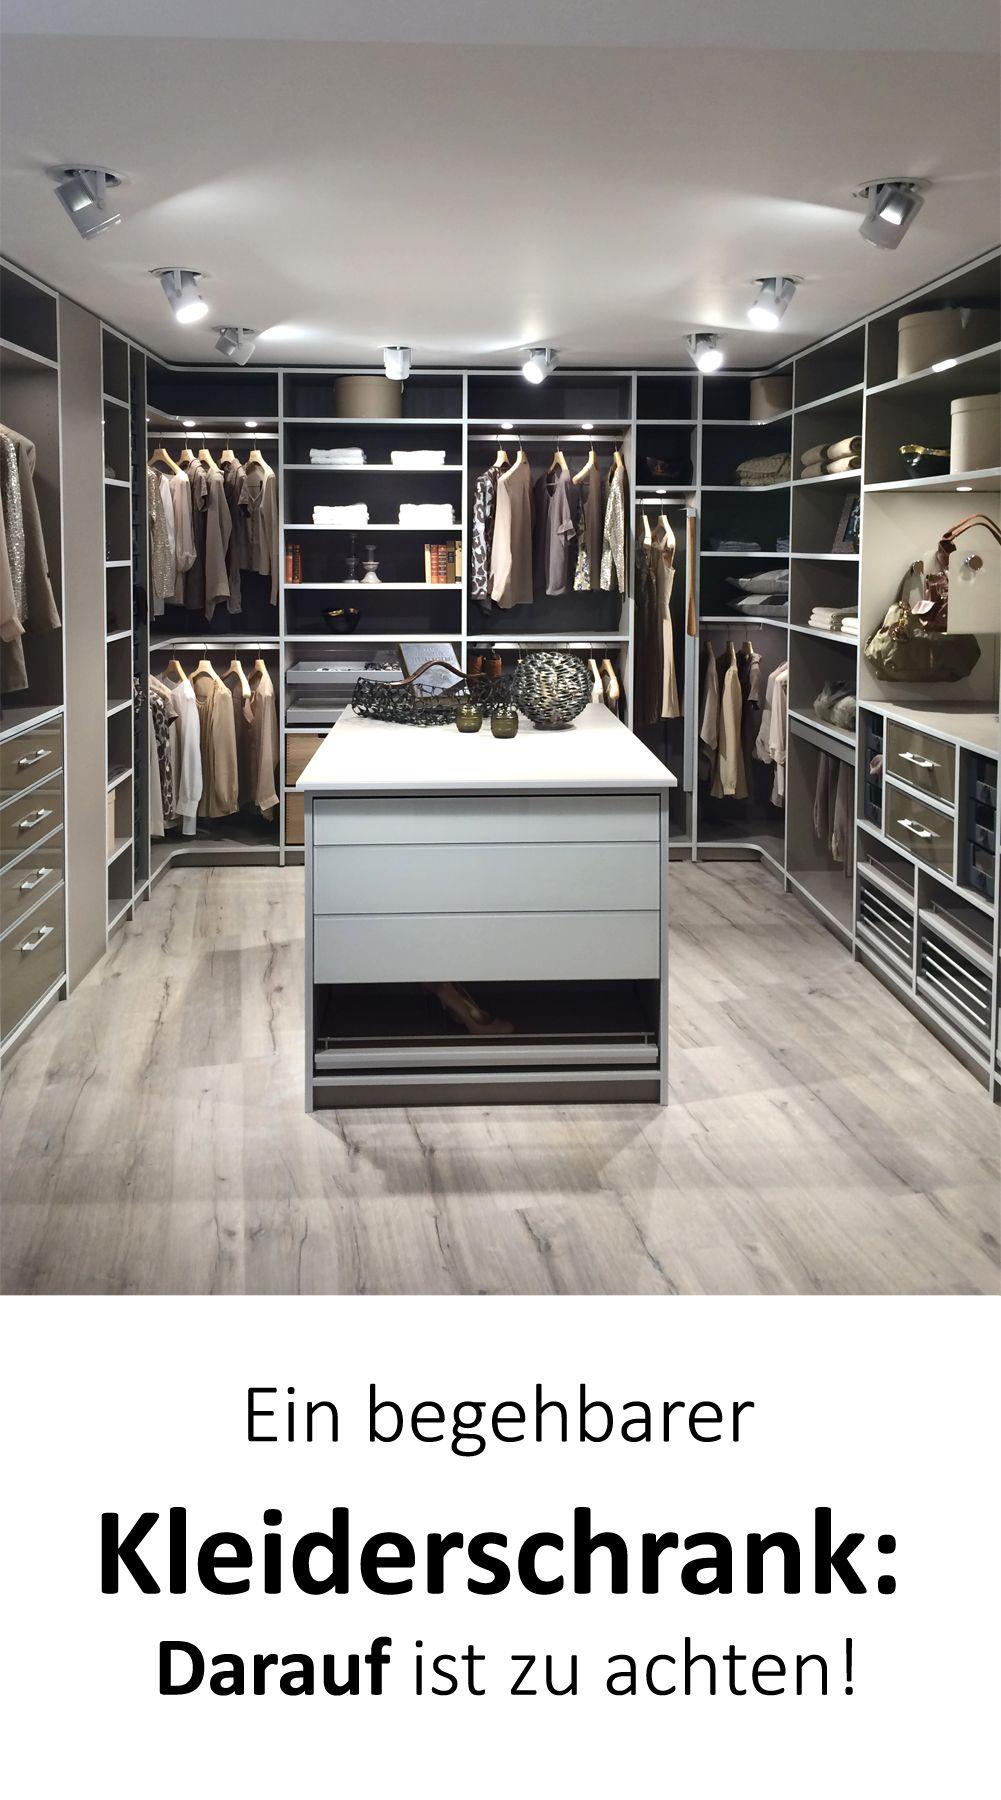 begehbarer kleiderschrank planung tipps darauf ist zu achten in 2018 kleiderschrank. Black Bedroom Furniture Sets. Home Design Ideas